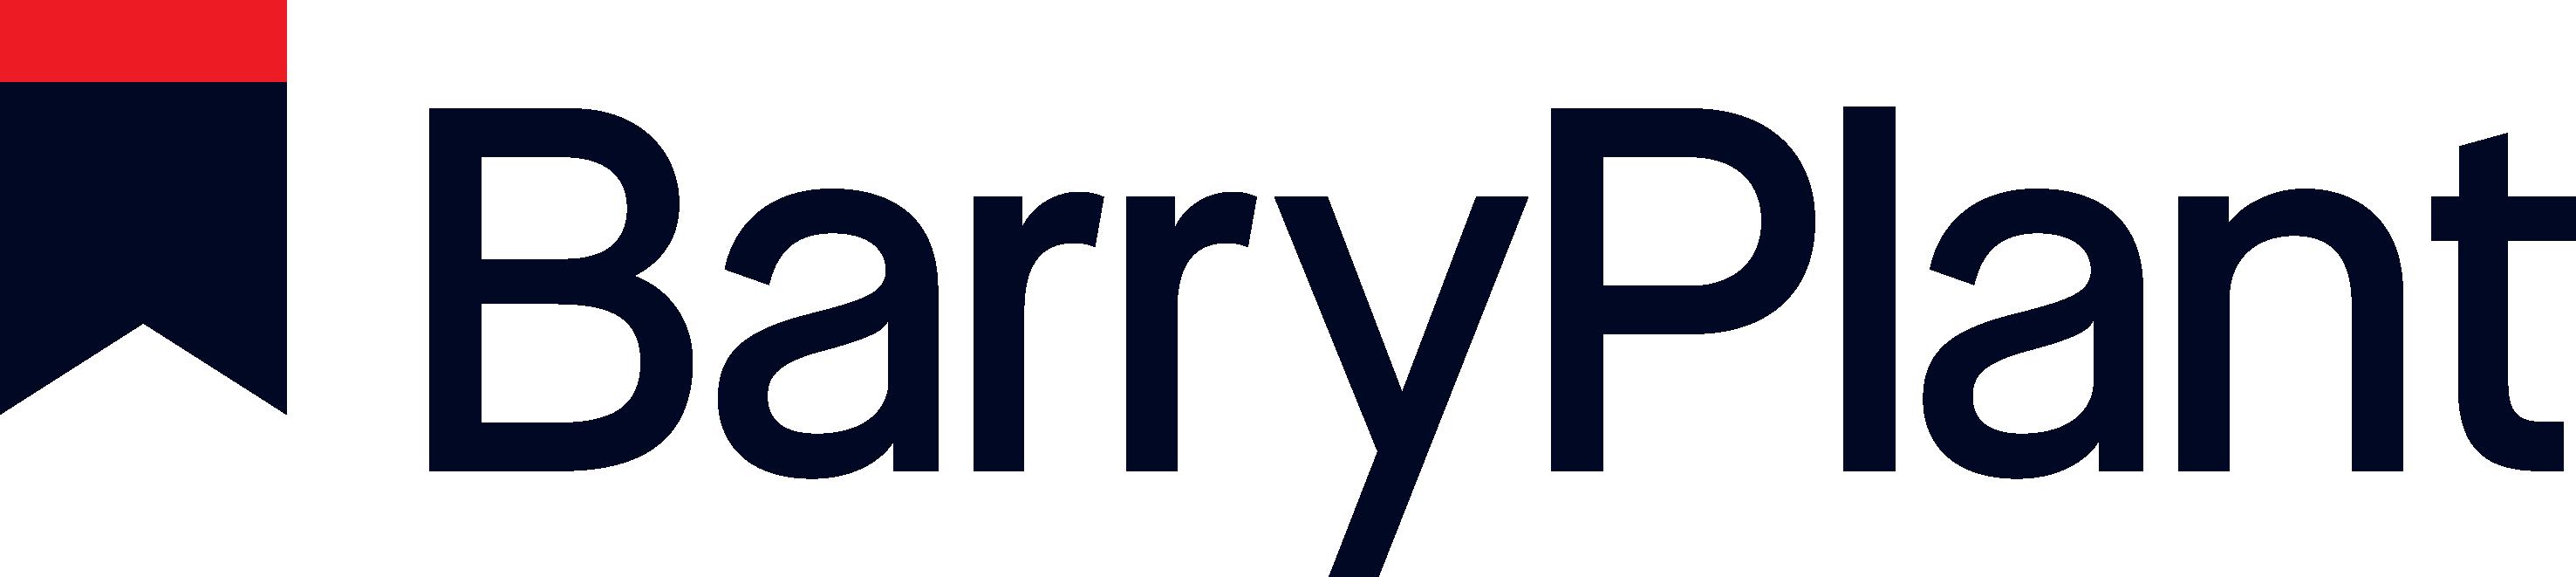 www.barryplant.com.au/berwick